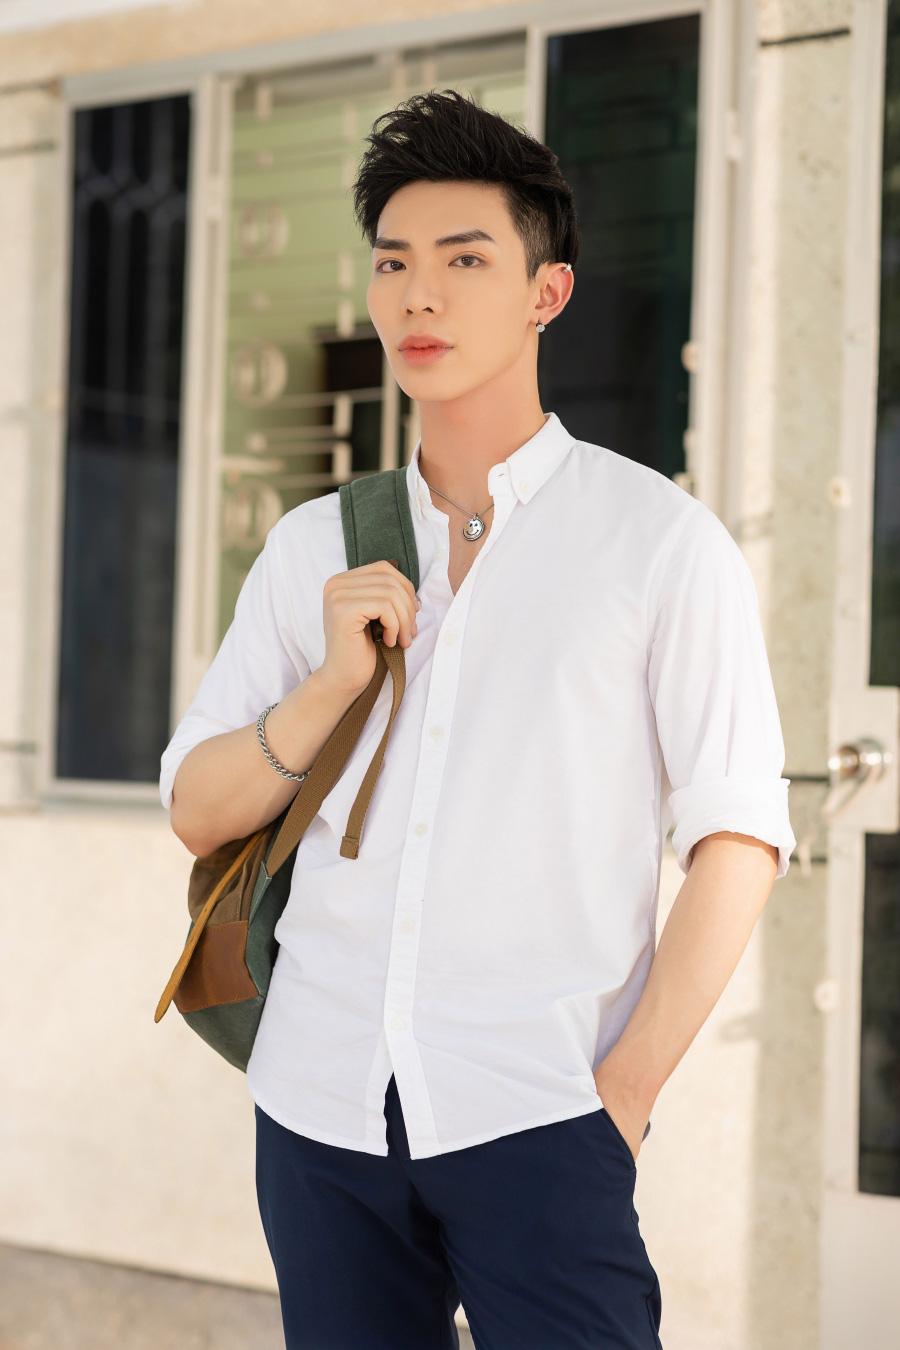 Erik tái hợp với hit-maker Khắc Hưng trong MV Bao giờ đủ lớn - Ảnh 2.